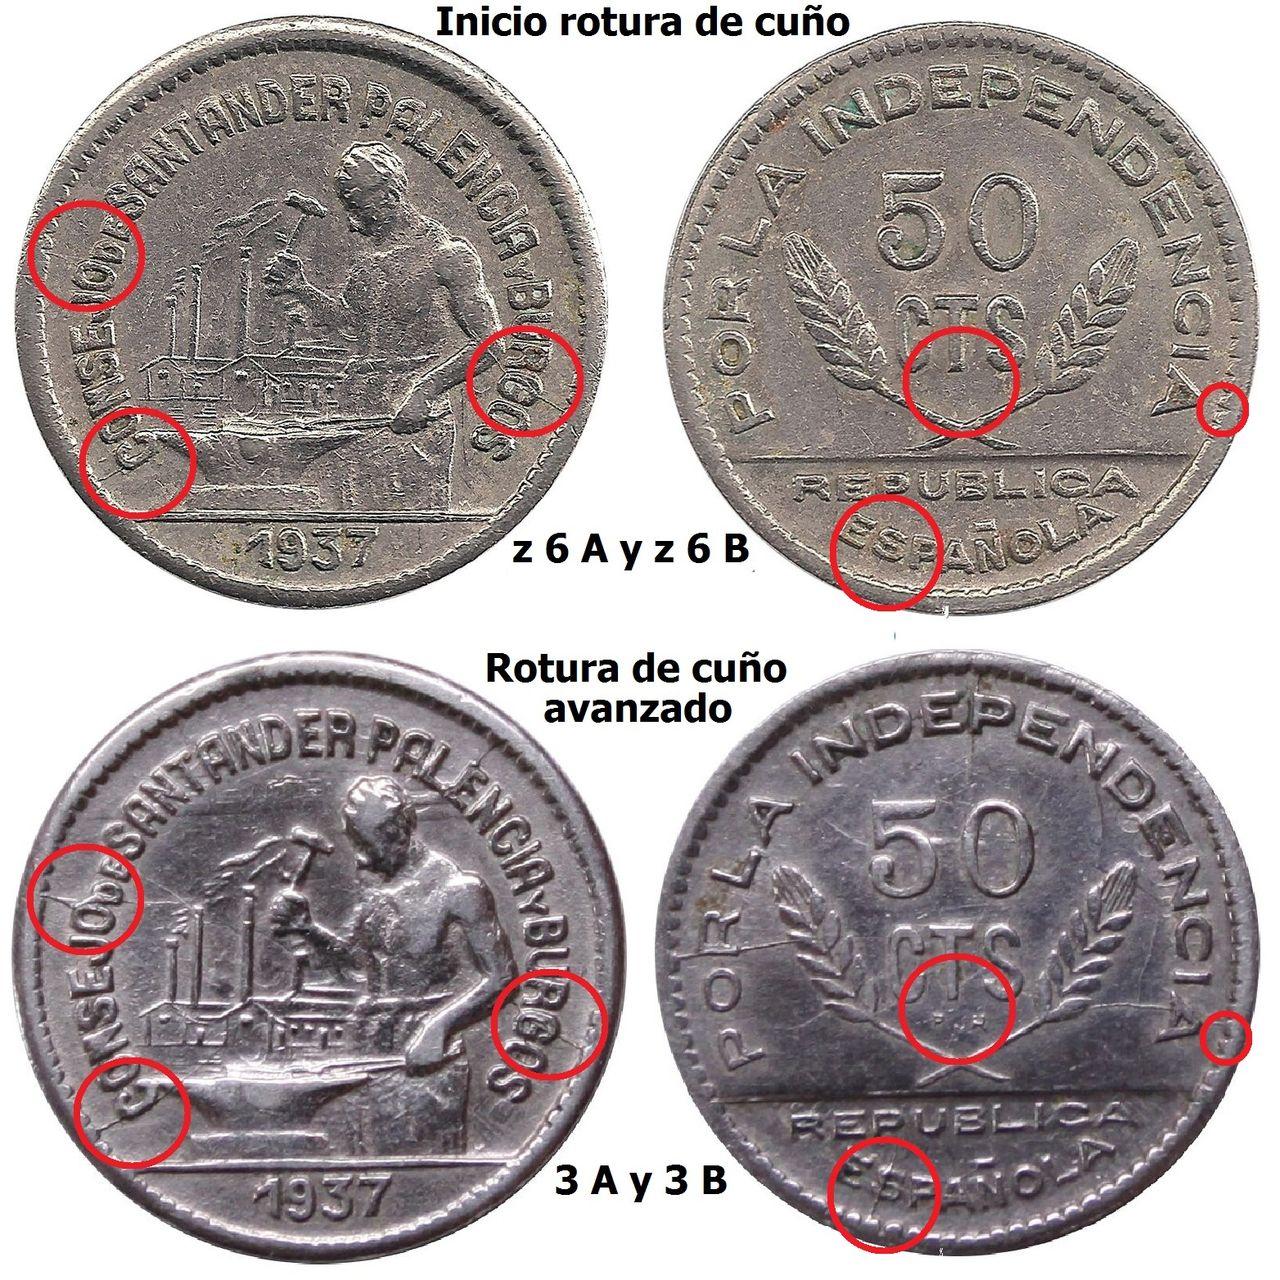 5 pesetas de Cartagena 1873 Las_siglas_PJR_fueron_a_adidas_m_s_tarde_a_los_c